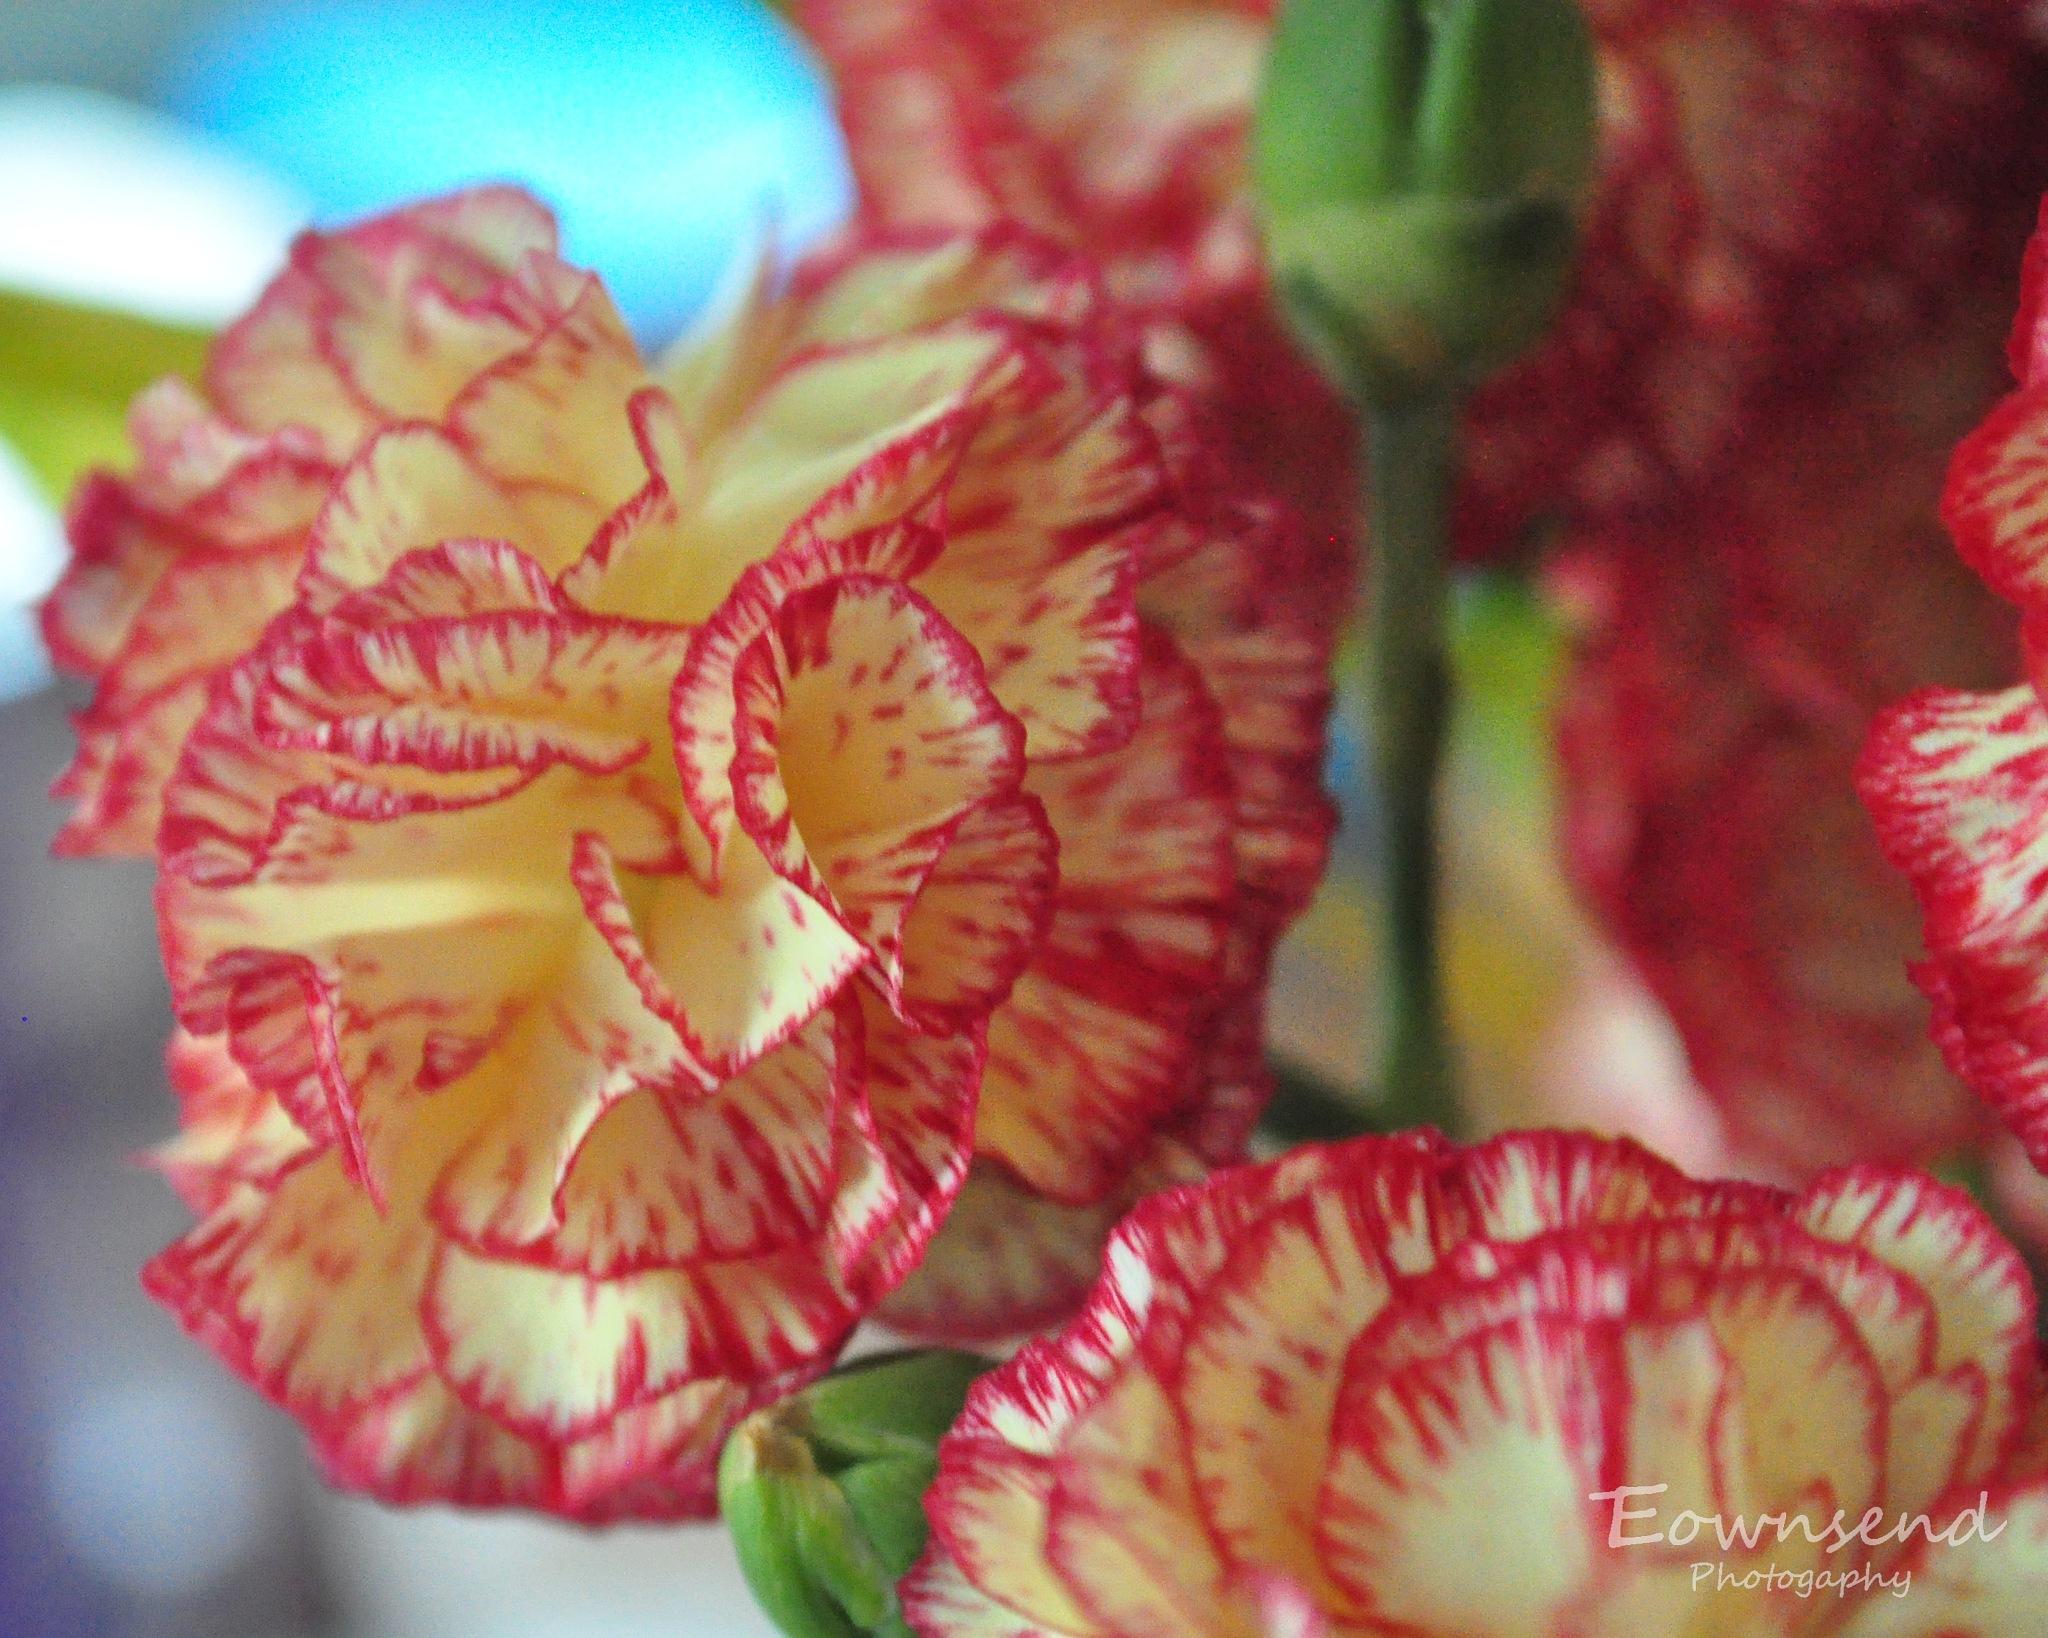 Carnations by Elizabeth C. Townsend